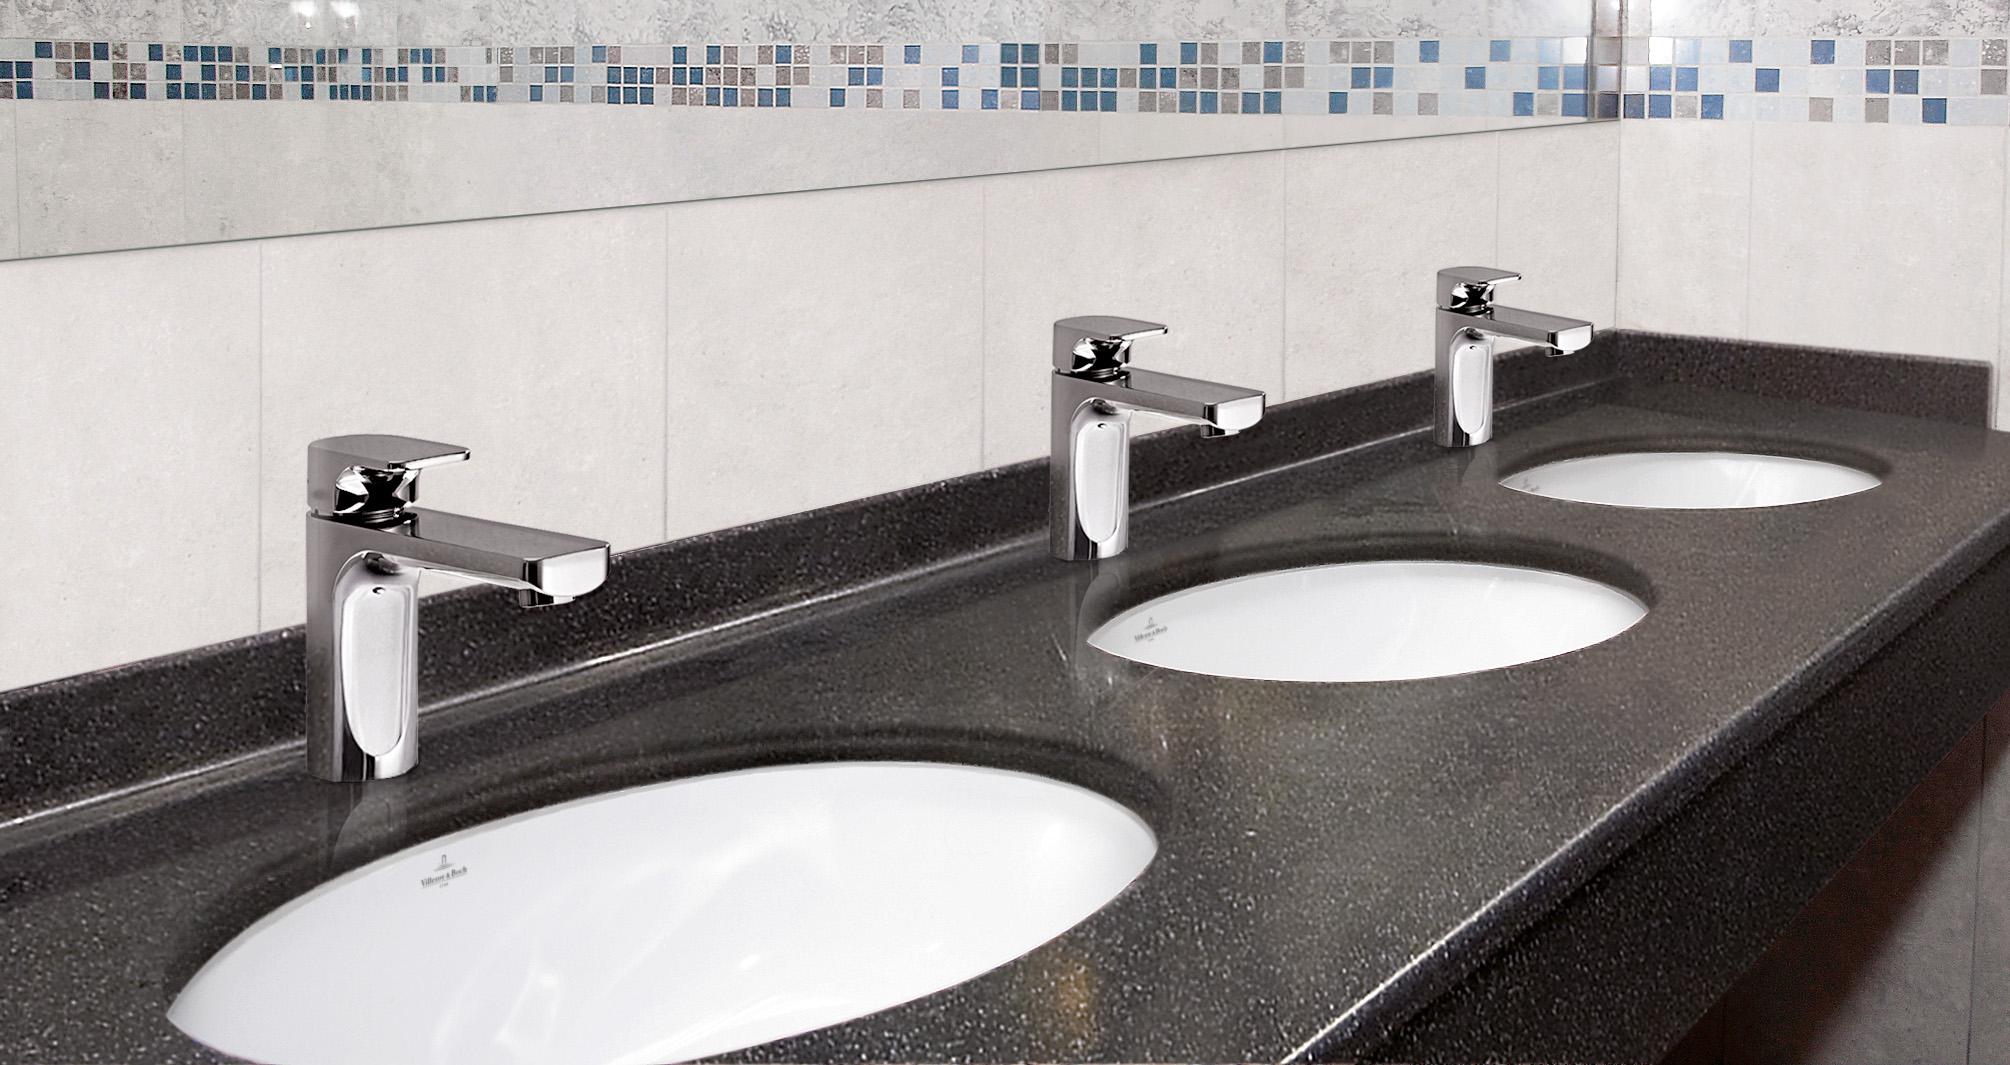 Evana Waschtisch, Waschtisch Unterbau, Waschtische / Waschbecken, Unterbauwaschtische